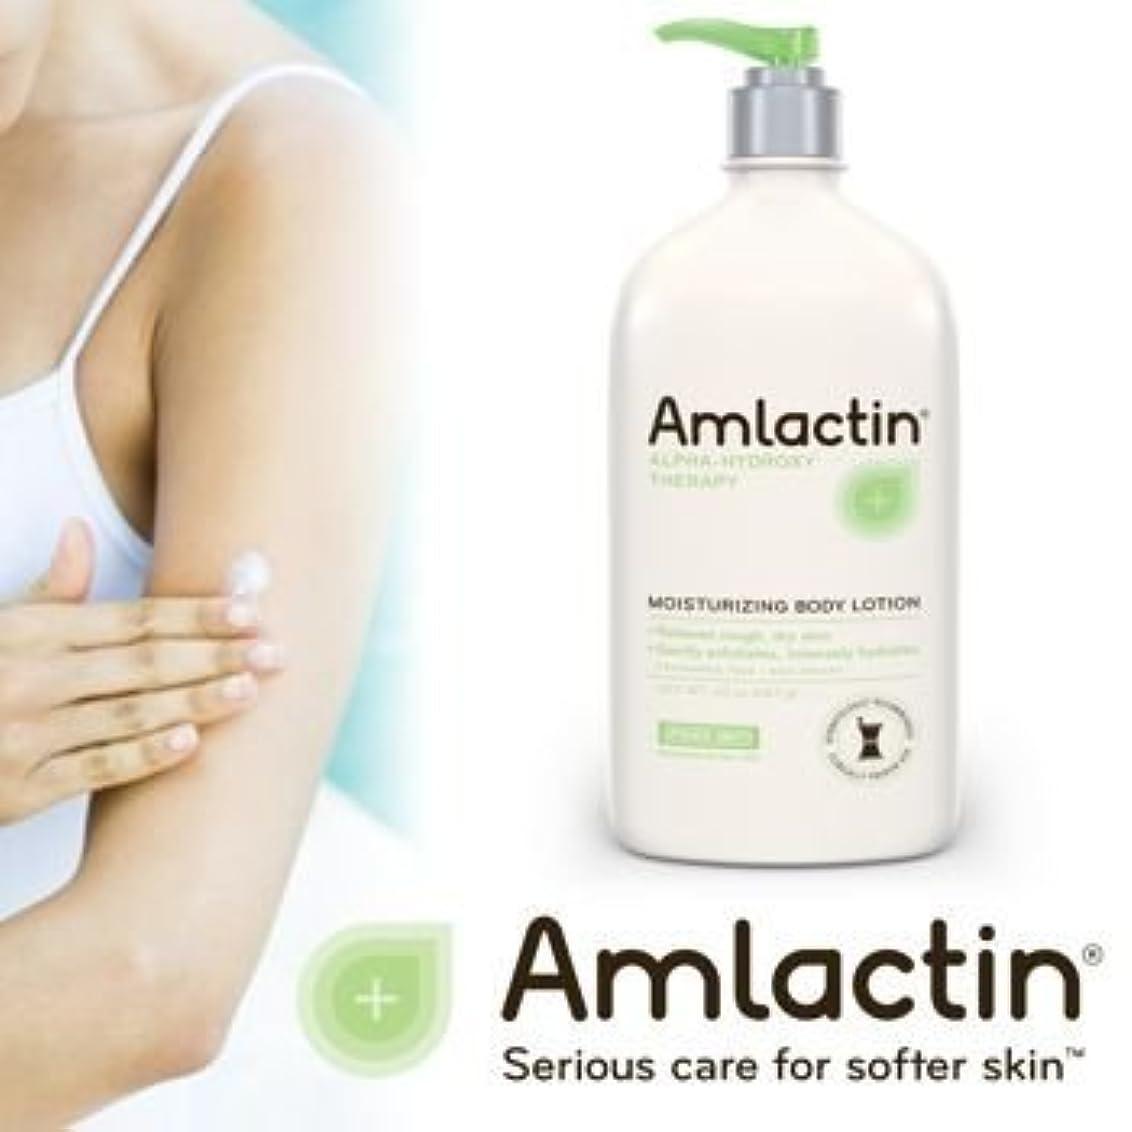 弾薬ファイアル追放アムラクティン 保湿液 (乾燥肌のため) - 12% 乳酸 - AmLactin 12 % Moisturizing Lotion - 500 g / 17.6 oz (Product packaging may vary)